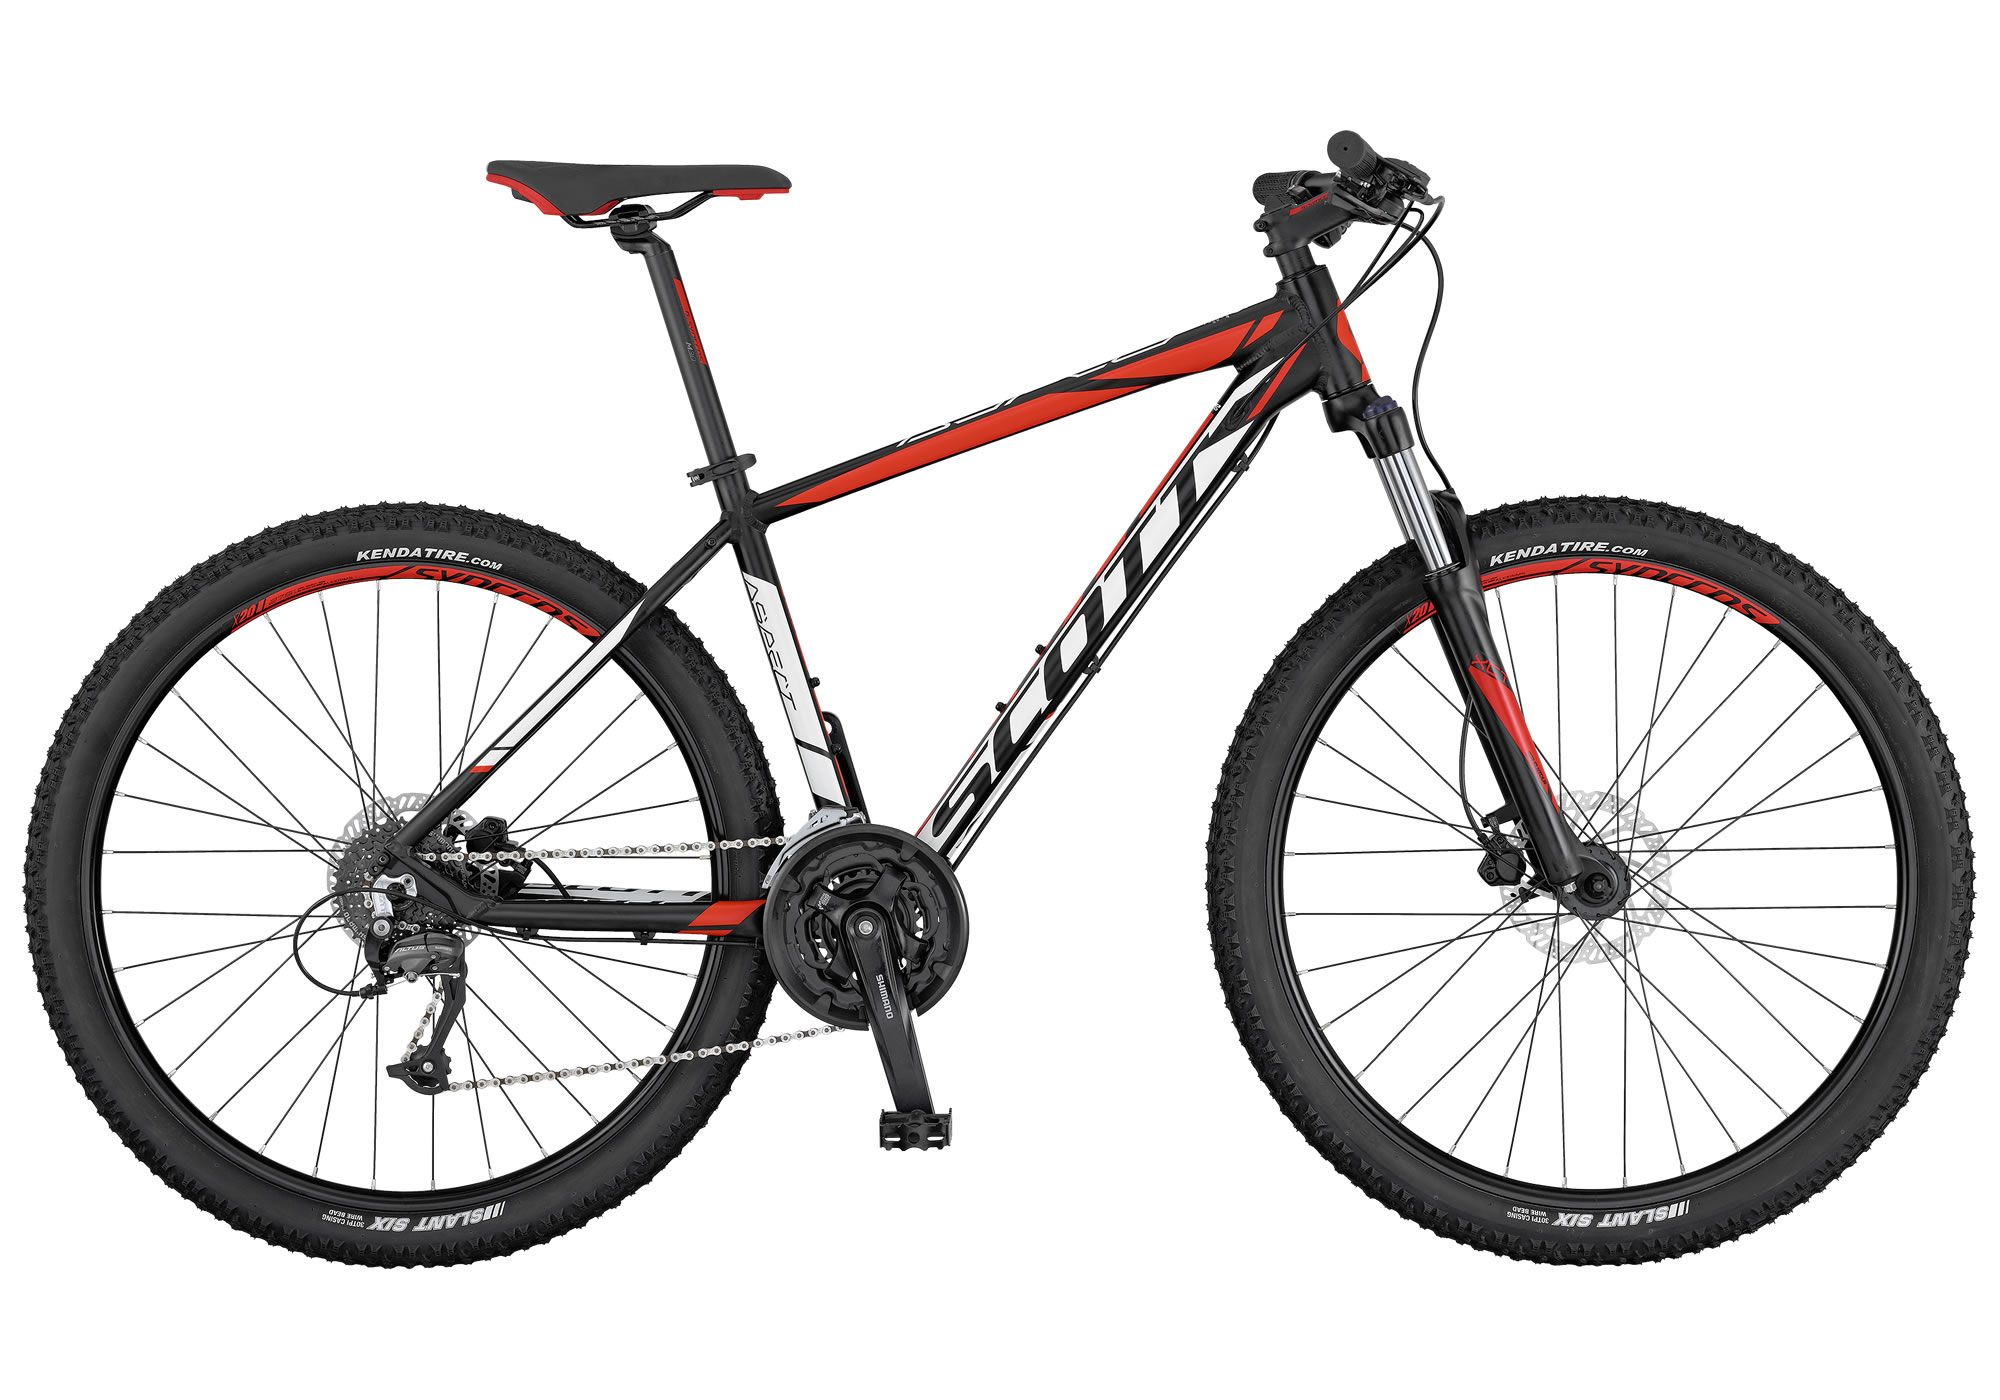 Scott Aspect 750-950 2017 blanca-negra. Scott Aspect 750-950 2017 roja-negra. La Aspect 750 de SCOTT es una bicicleta rígida sin suspensión trasera, diseñada para ser ligera, eficaz y de precio razonable. La horquilla cuenta con el mecanismo de bloqueo, los frenos son de disco y los componentes de Syncros. Es el modelo perfecto para principiantes o para usuarios de bicicleta de montaña que se guíen por el presupuesto.